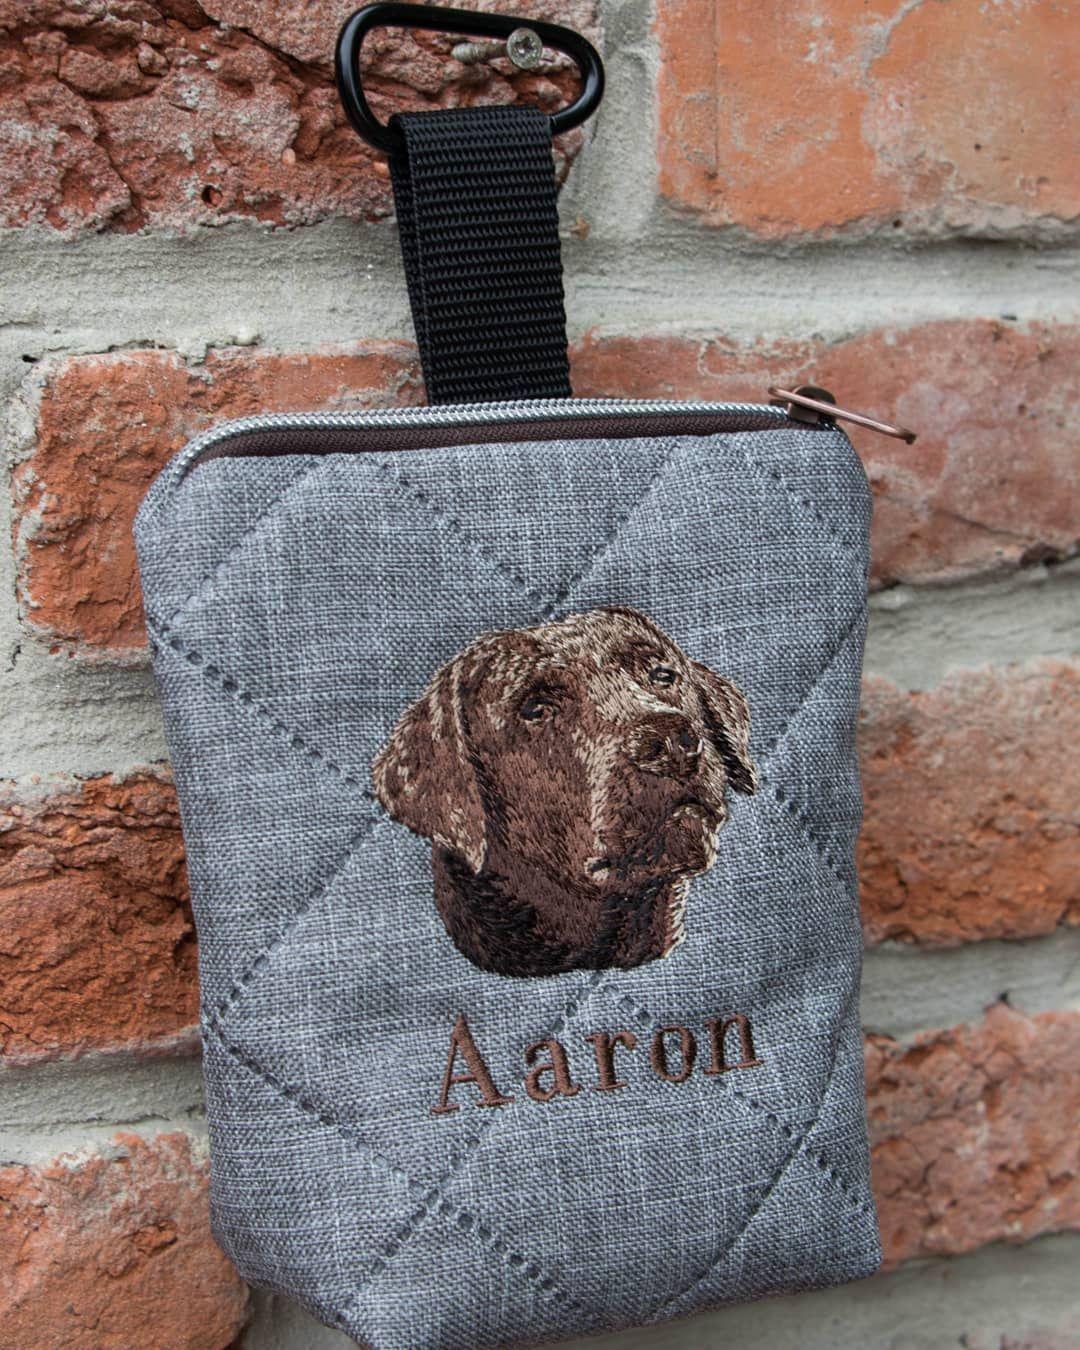 Werbung Futtertasche Grau Bestickt Mit Labrador Und Wunschname Futtertasche Leckerli Leckerlibeutel Labrador Labb Hundetraining Hundchen Training Hunde